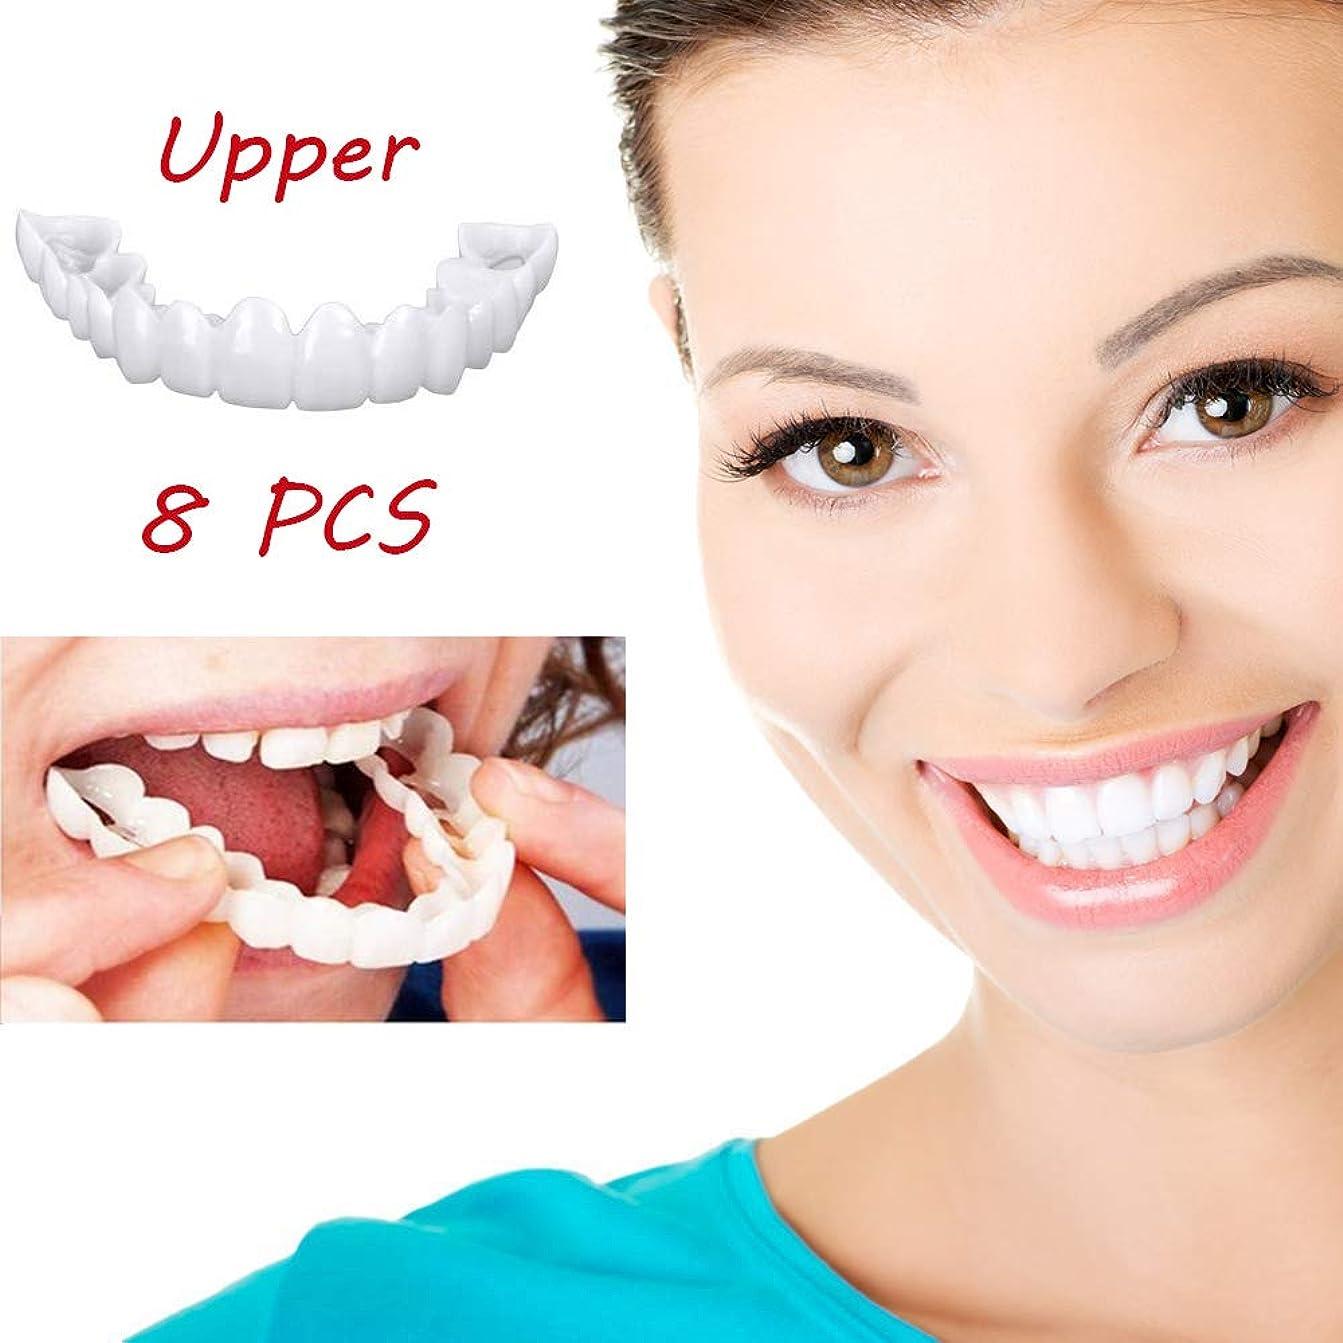 一致浮くお母さん快適な歯の化粧品のベニヤの歯8ピース義歯自信を持って笑顔柔らかい化粧品の白い歯の一時的な歯科口腔ケアに適して